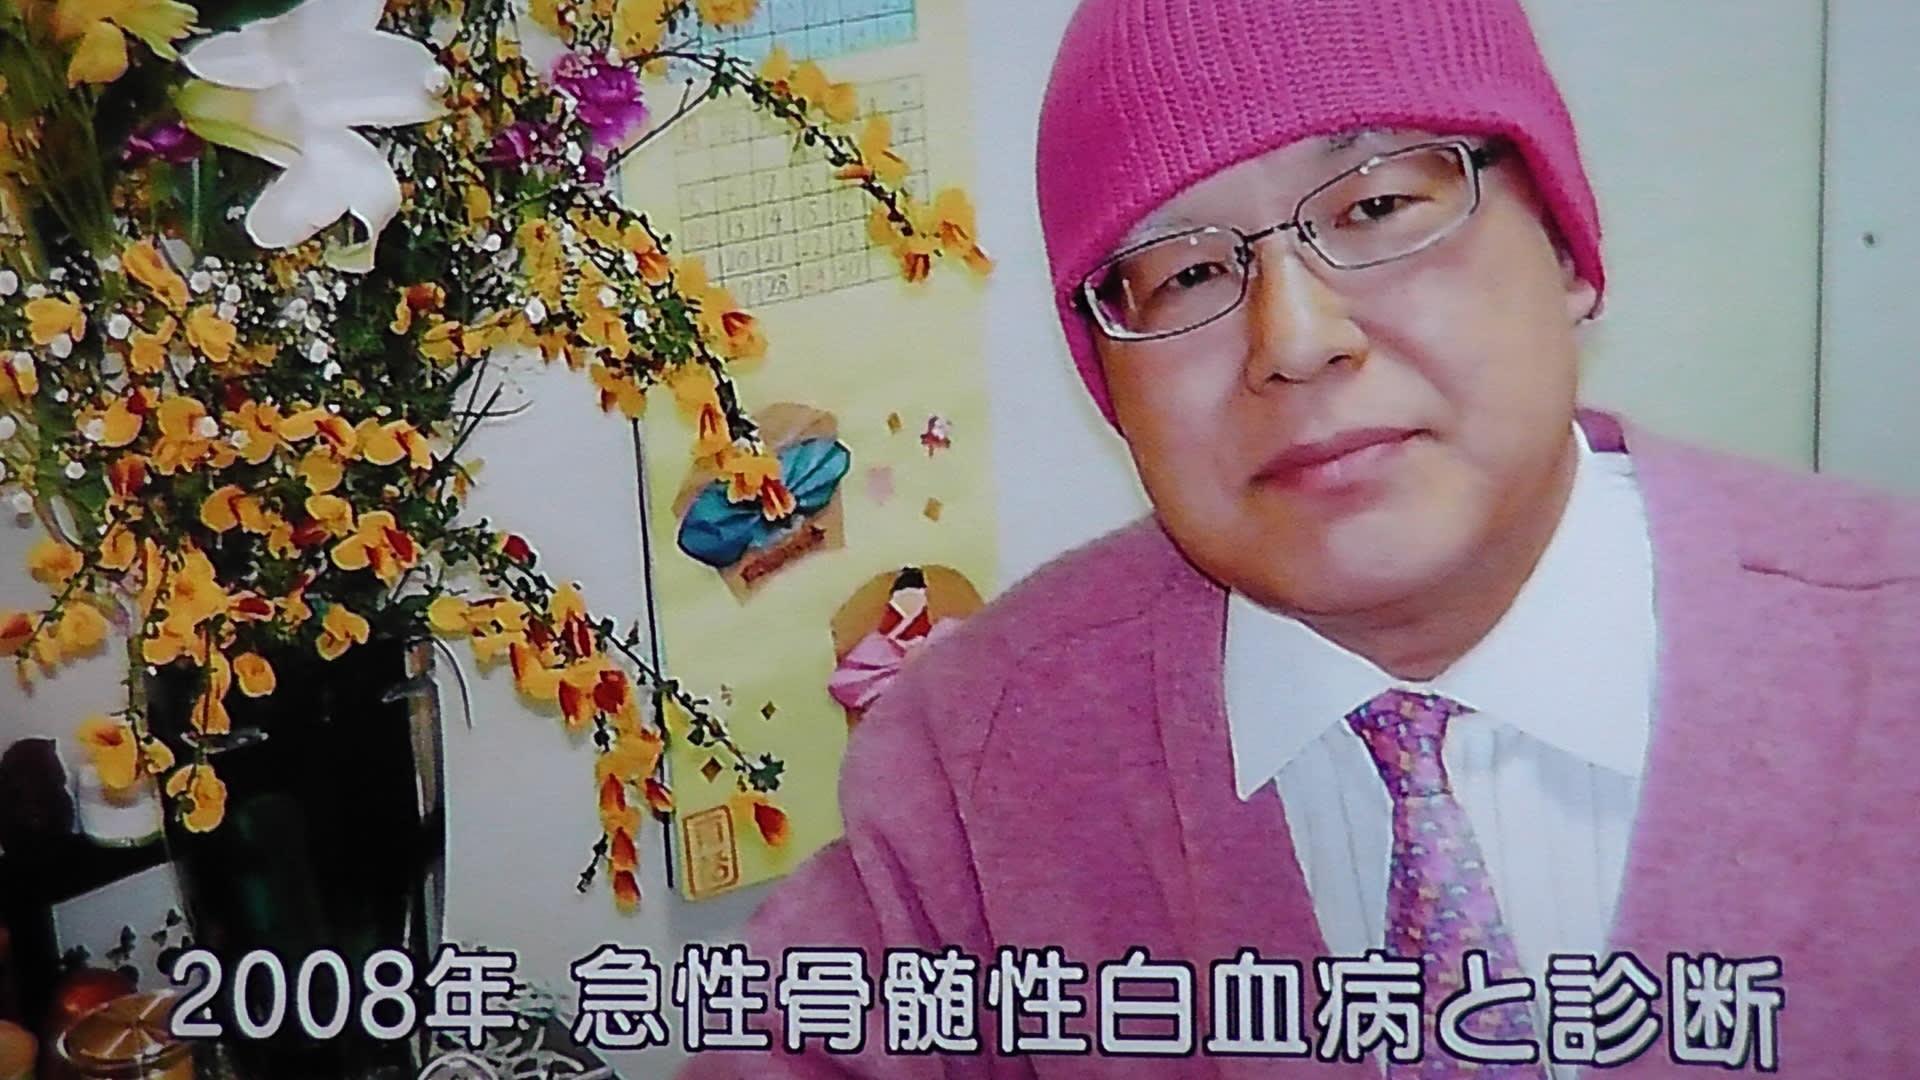 こころの時代、作家・精神科医師 帚木蓬生 - 京都で定年後生活